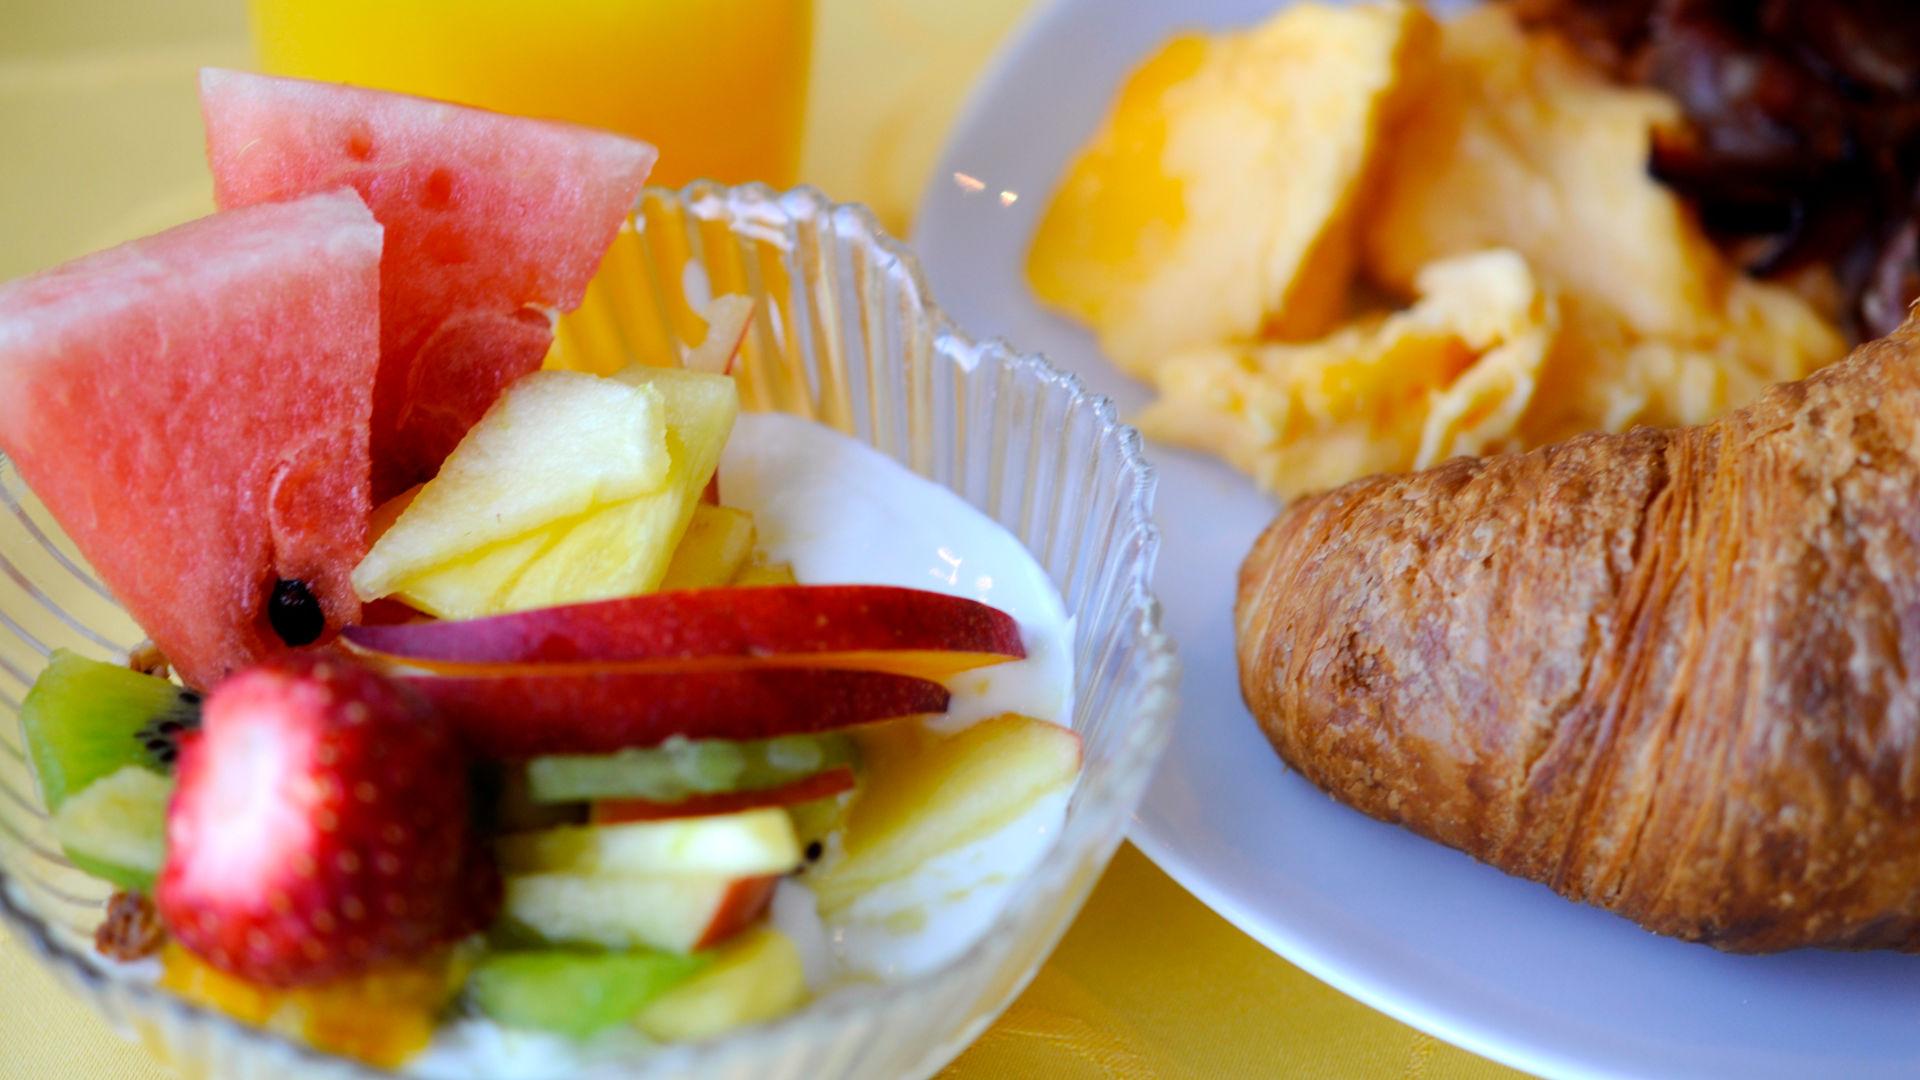 Obst zum Frühstück und leckere Croissants